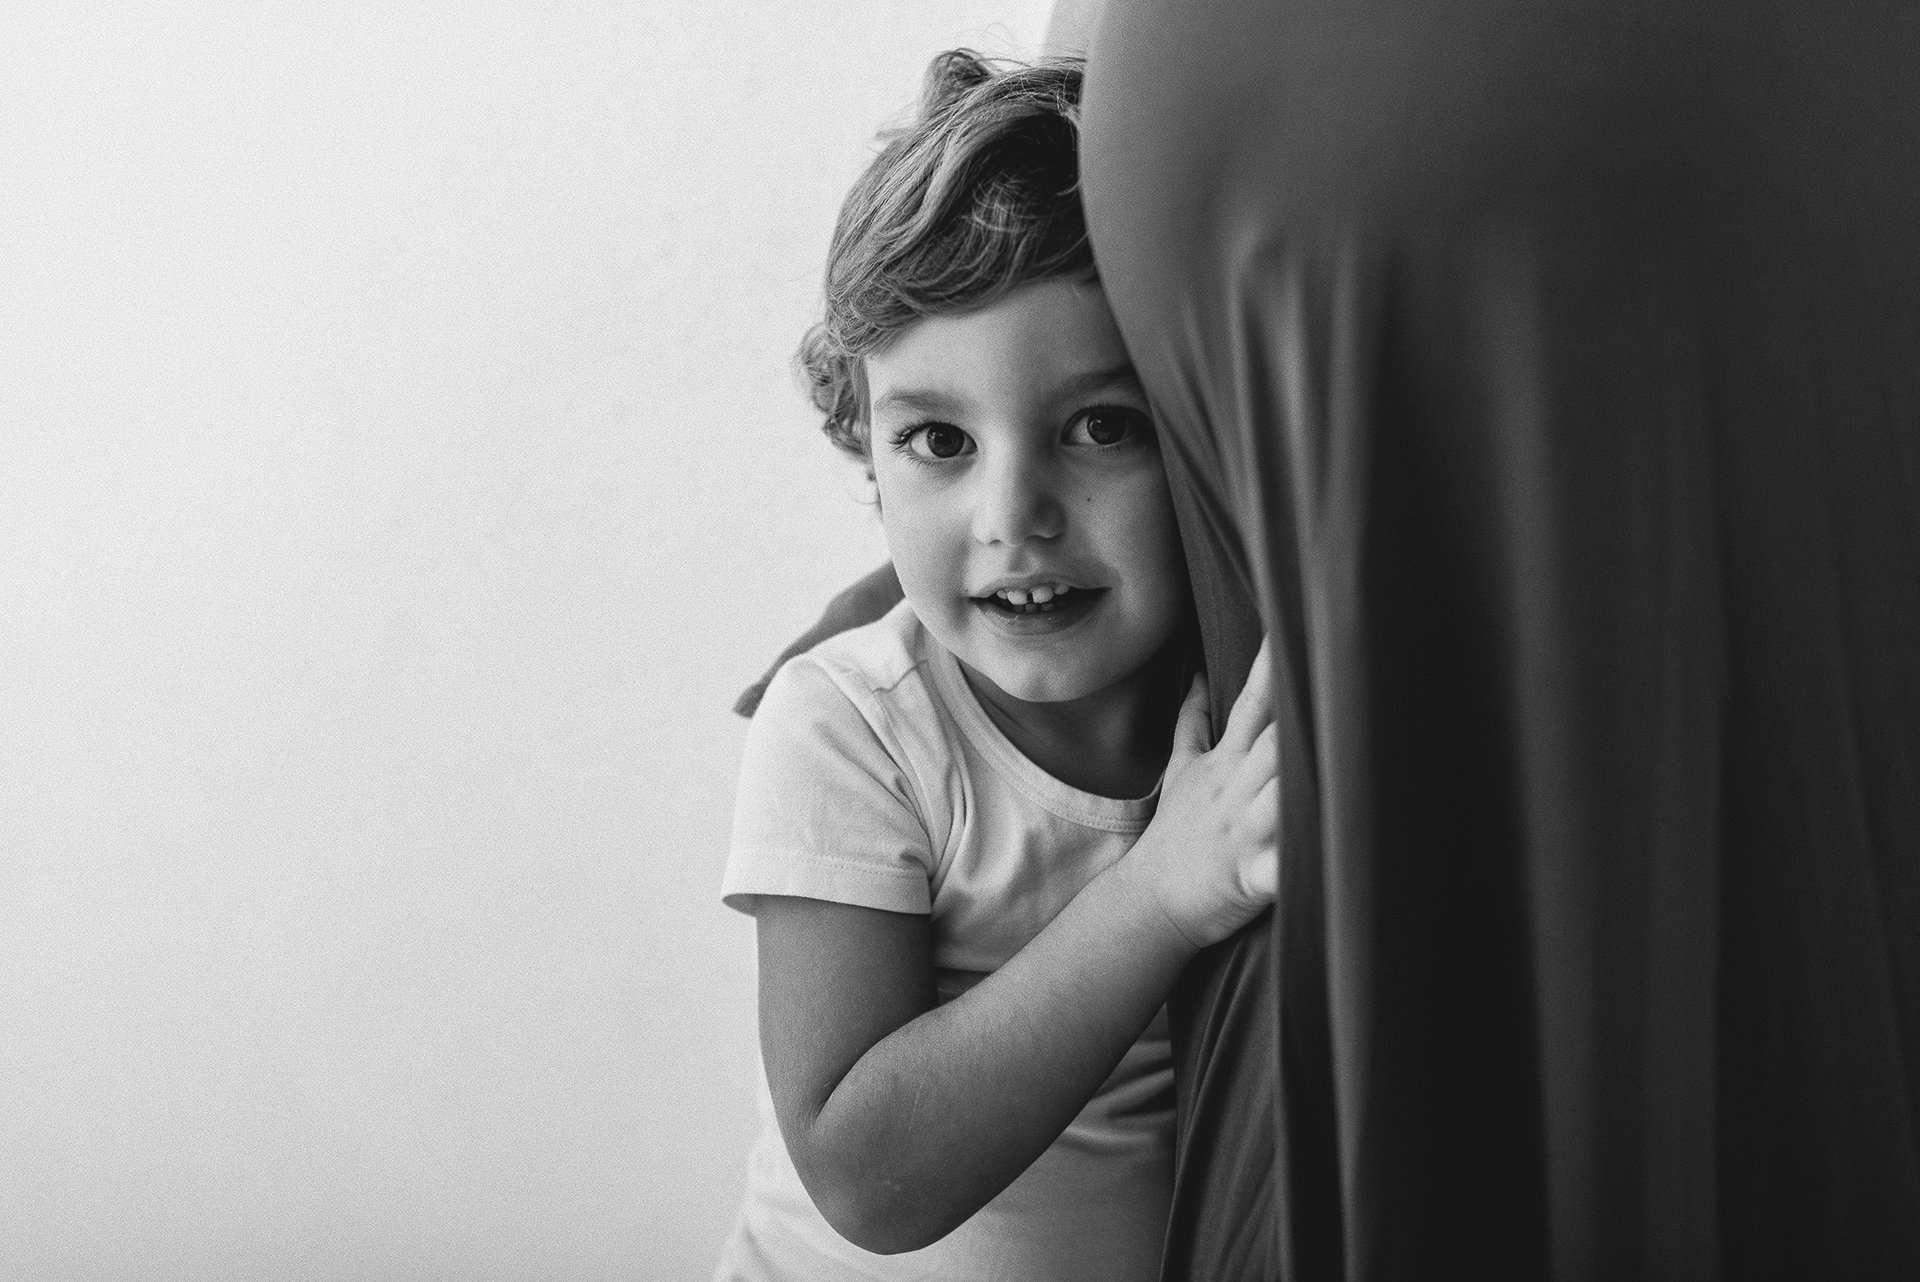 Fotografia bambino con pancione della mamma realizzato da Barbara Trincone Fotografo specializzato in Gravidanza, Maternità, Genitorialità, Nascita e Newborn